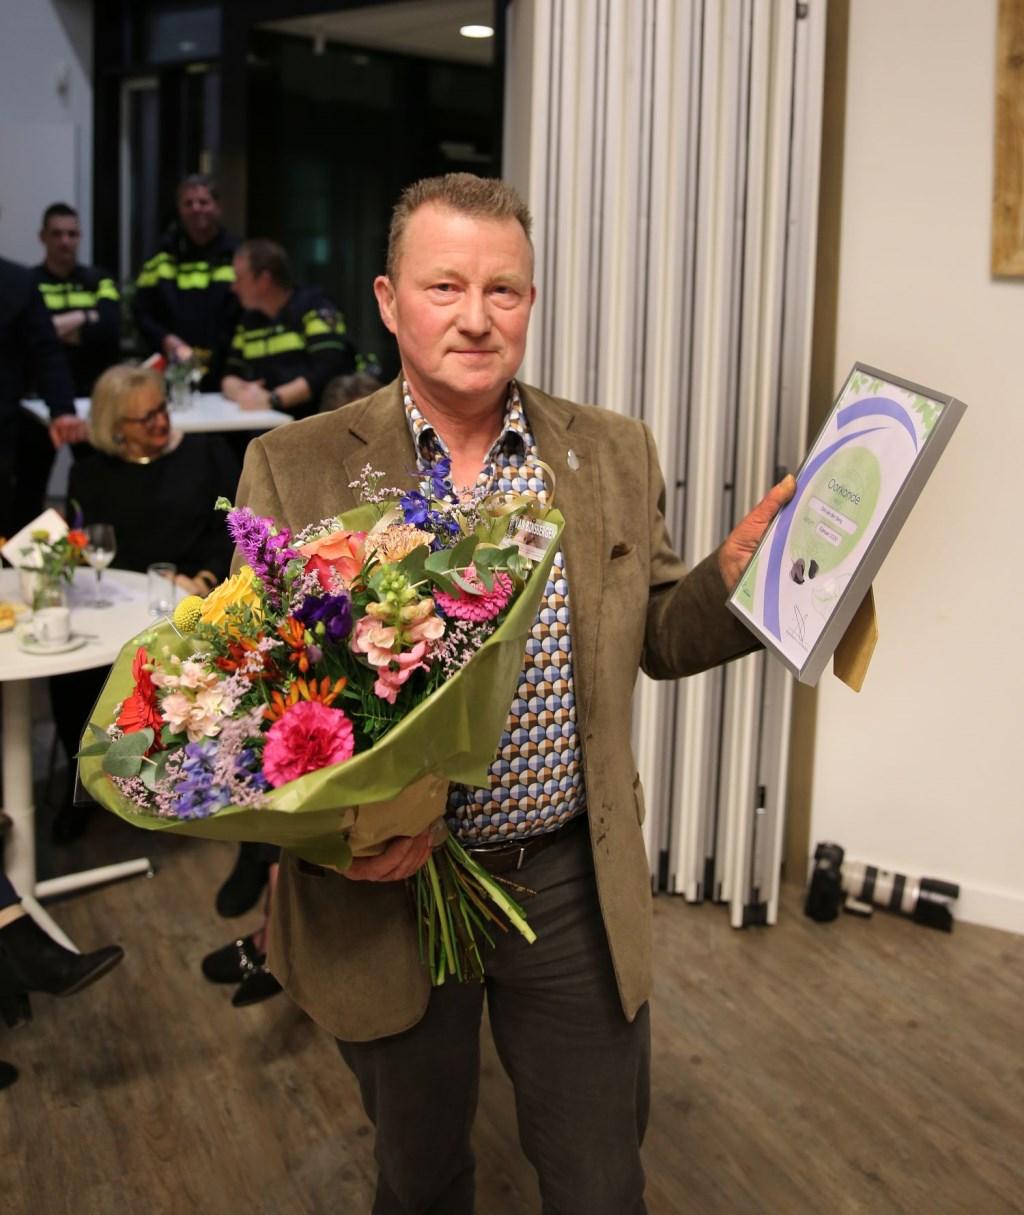 De heer Dirk van den Berg nadat hij uit handen van burgemeester Kottelenberg de Neder-Betuwe Speld heeft ontvangen. (foto: (3JetFotografie)  © DPG Media